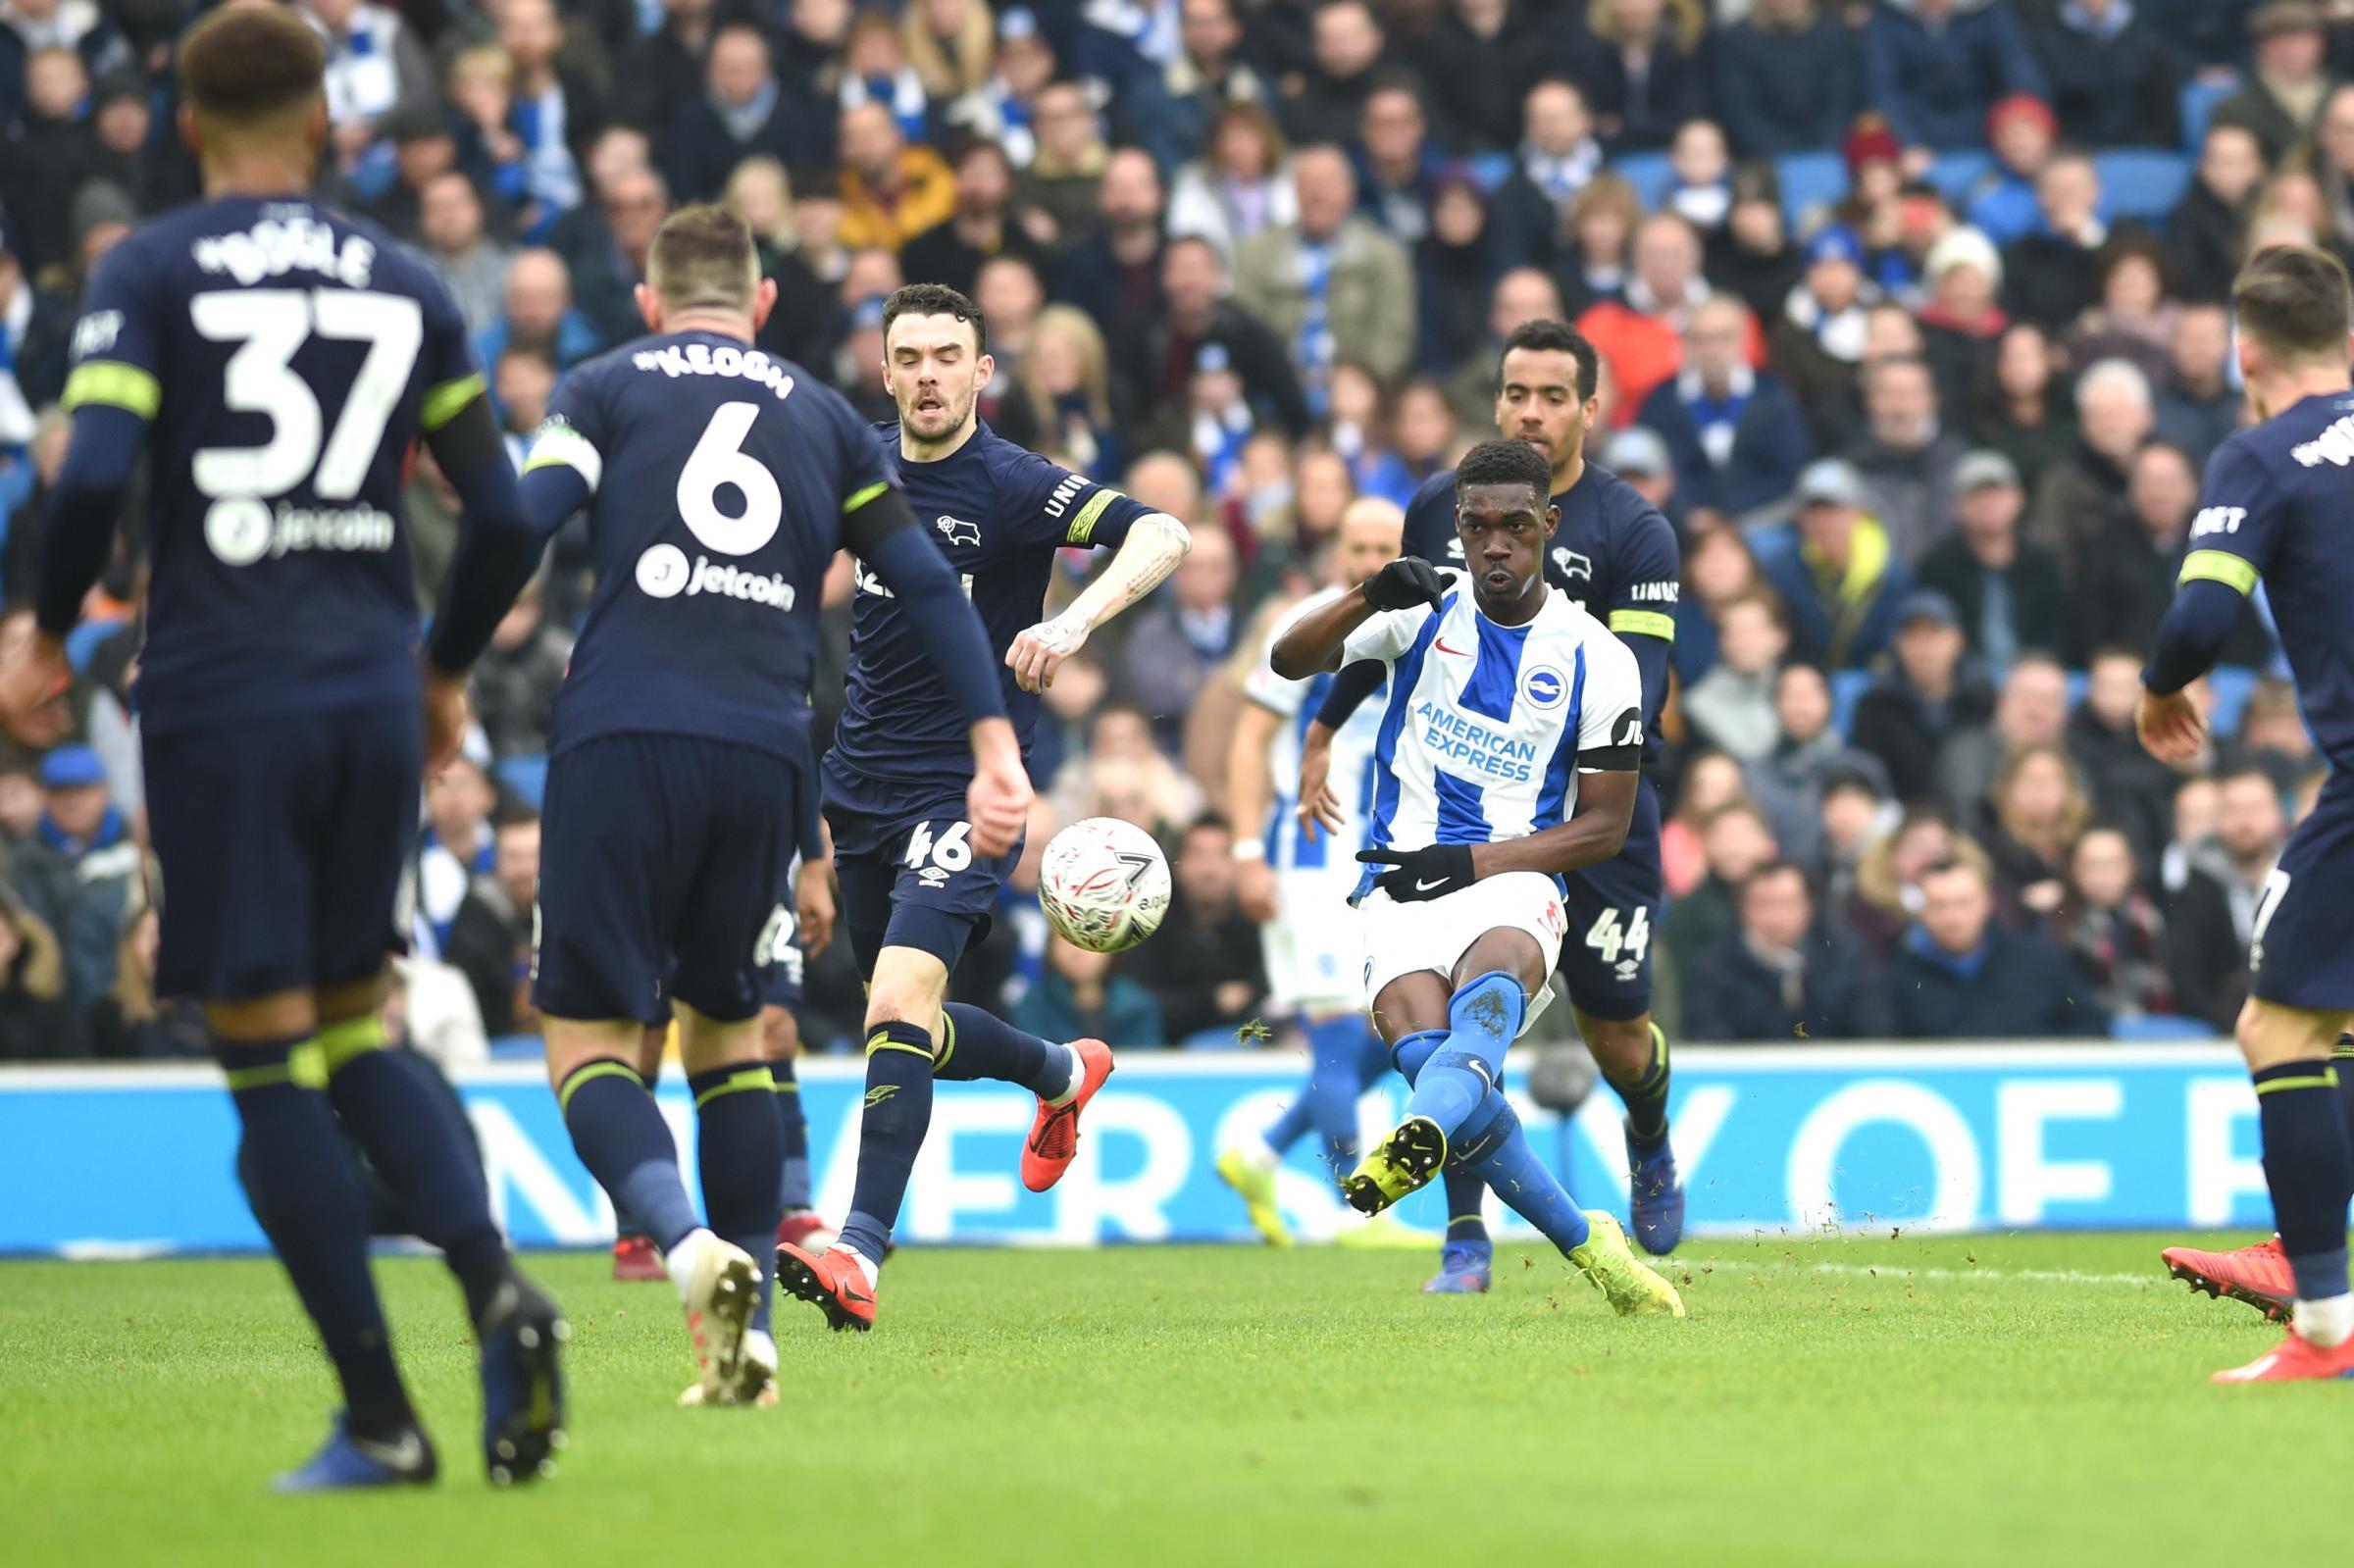 Hughton hits out at 'harsh' ban for FA Cup hero Bissouma